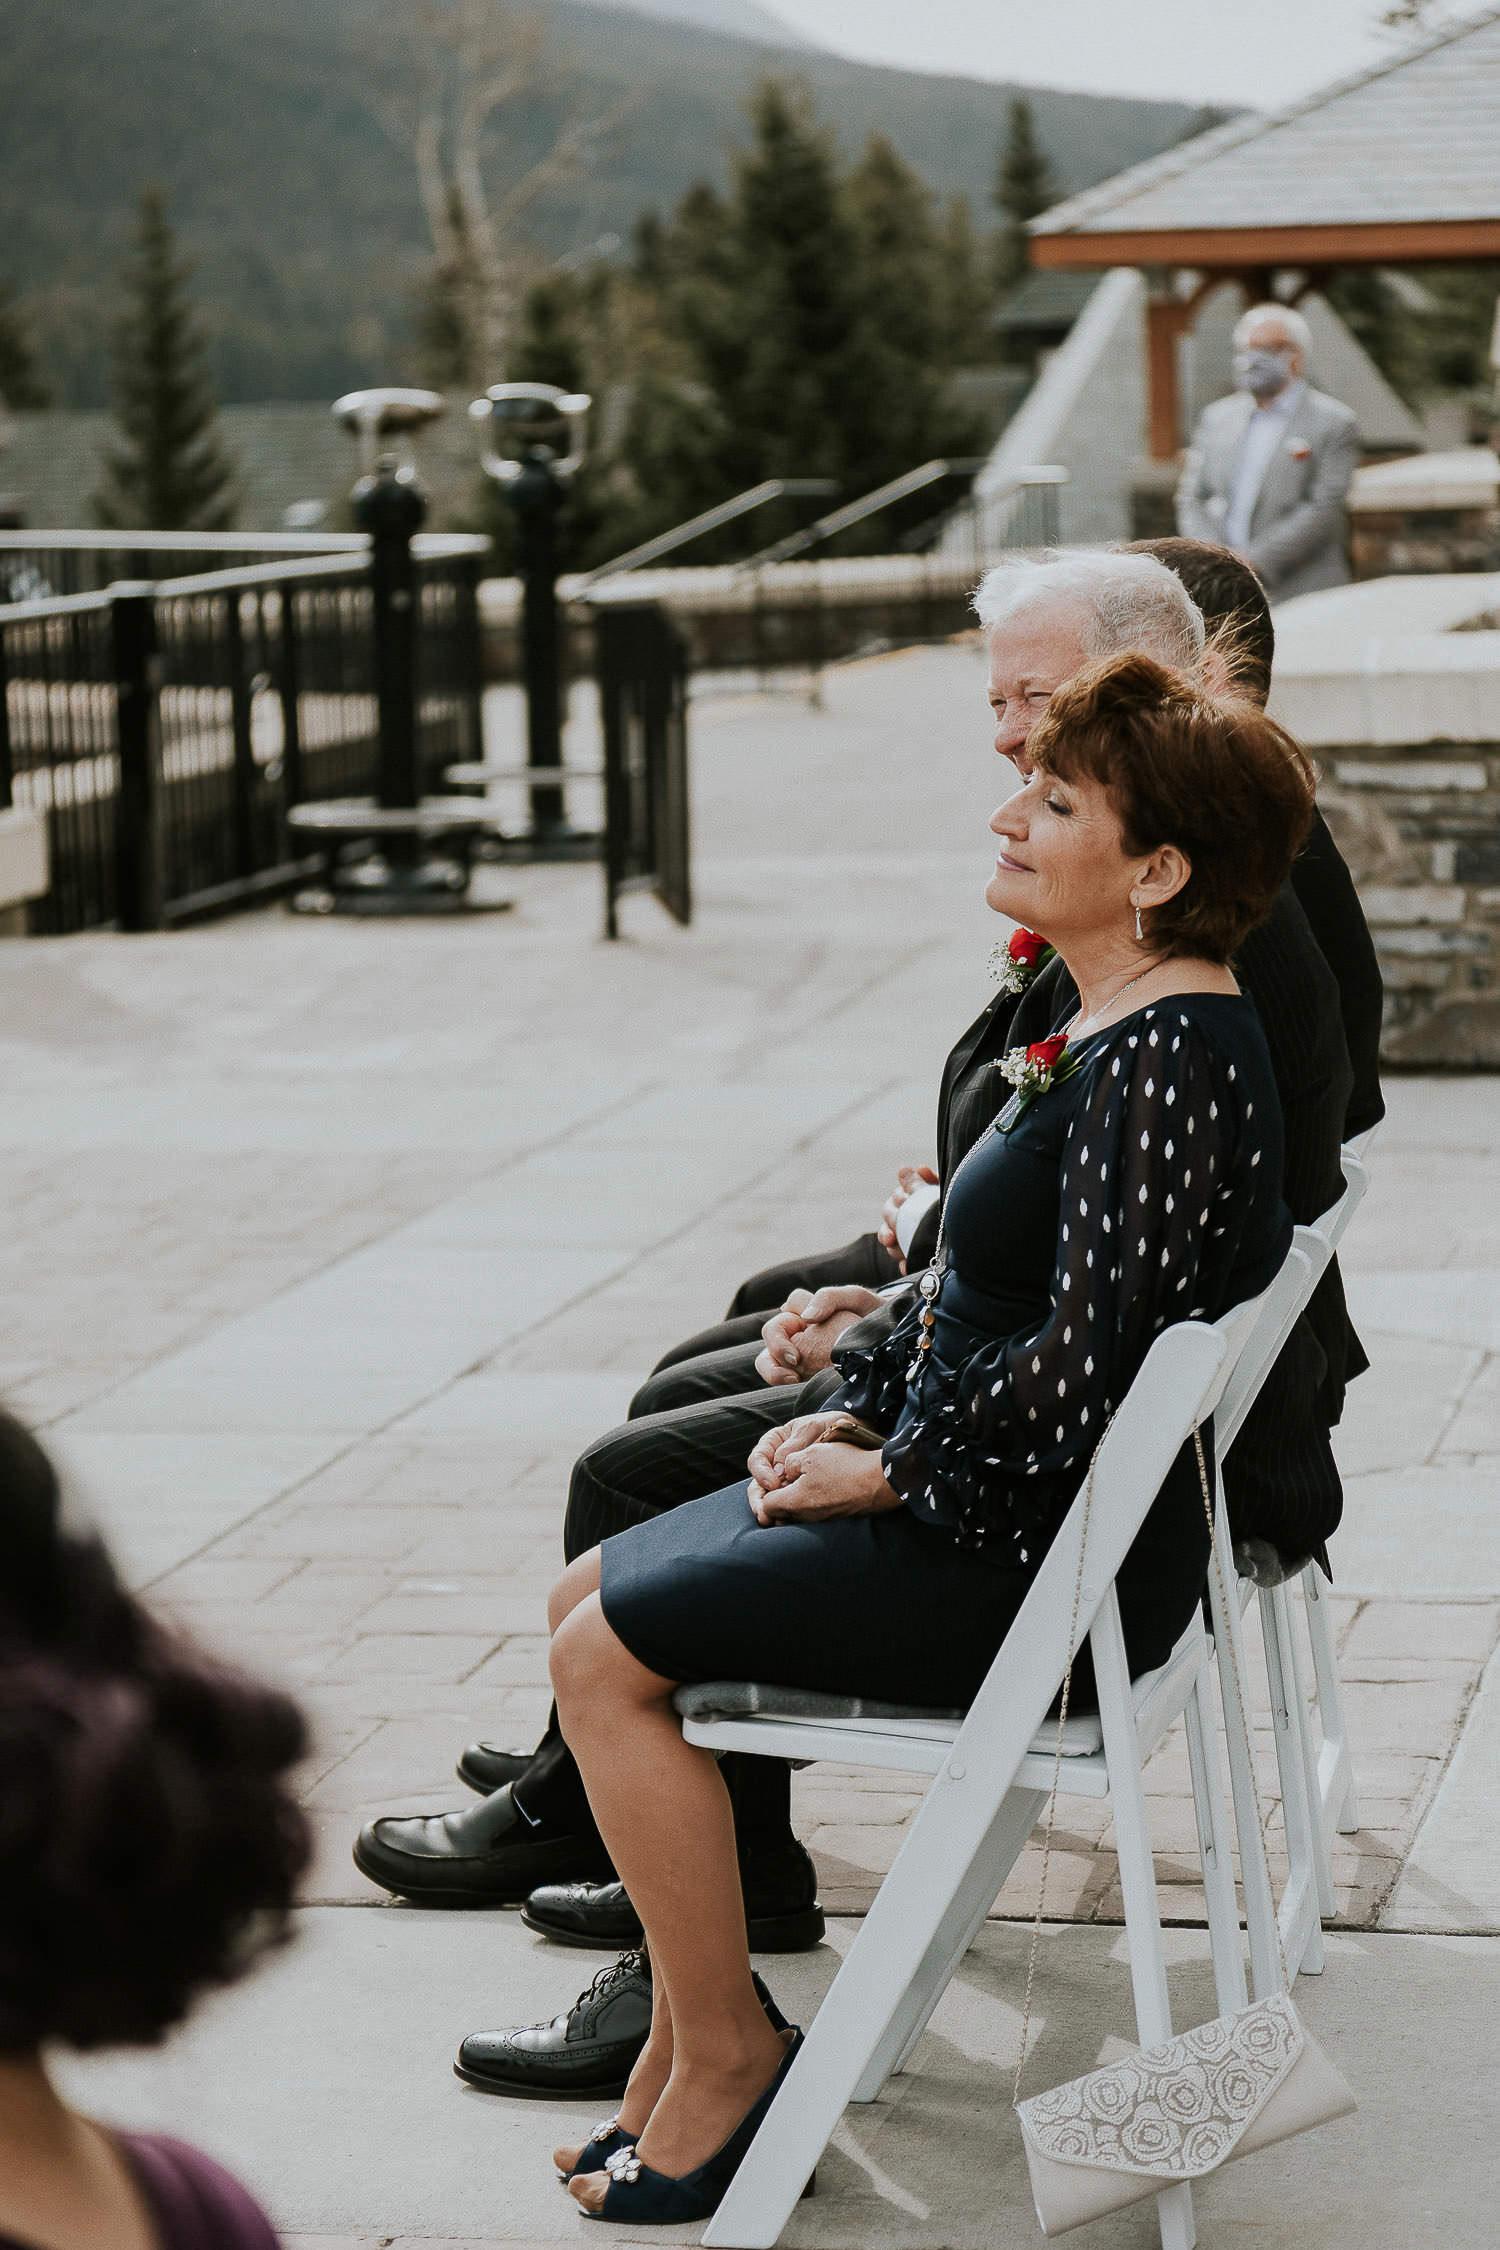 intimate-wedding-at-banff-springs-hotel-sarah-pukin-0079